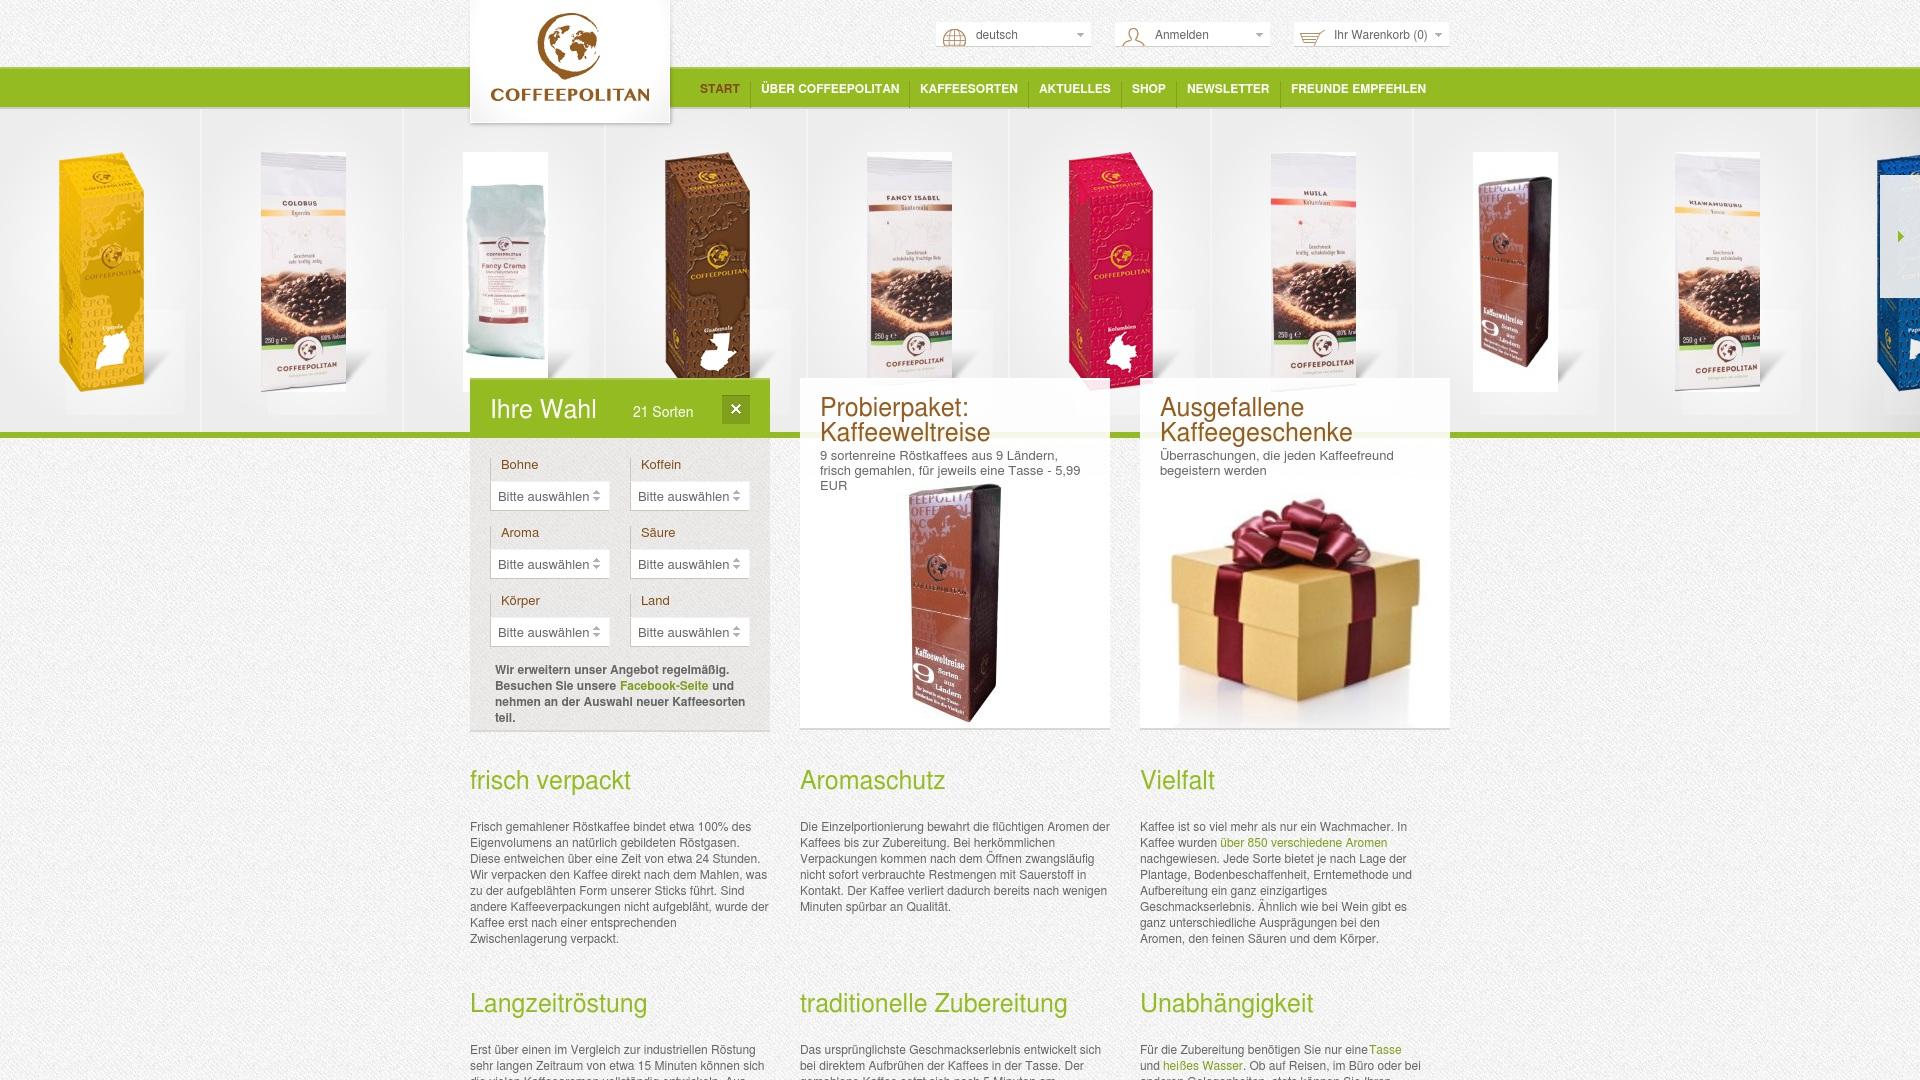 Gutschein für Coffeepolitan: Rabatte für  Coffeepolitan sichern